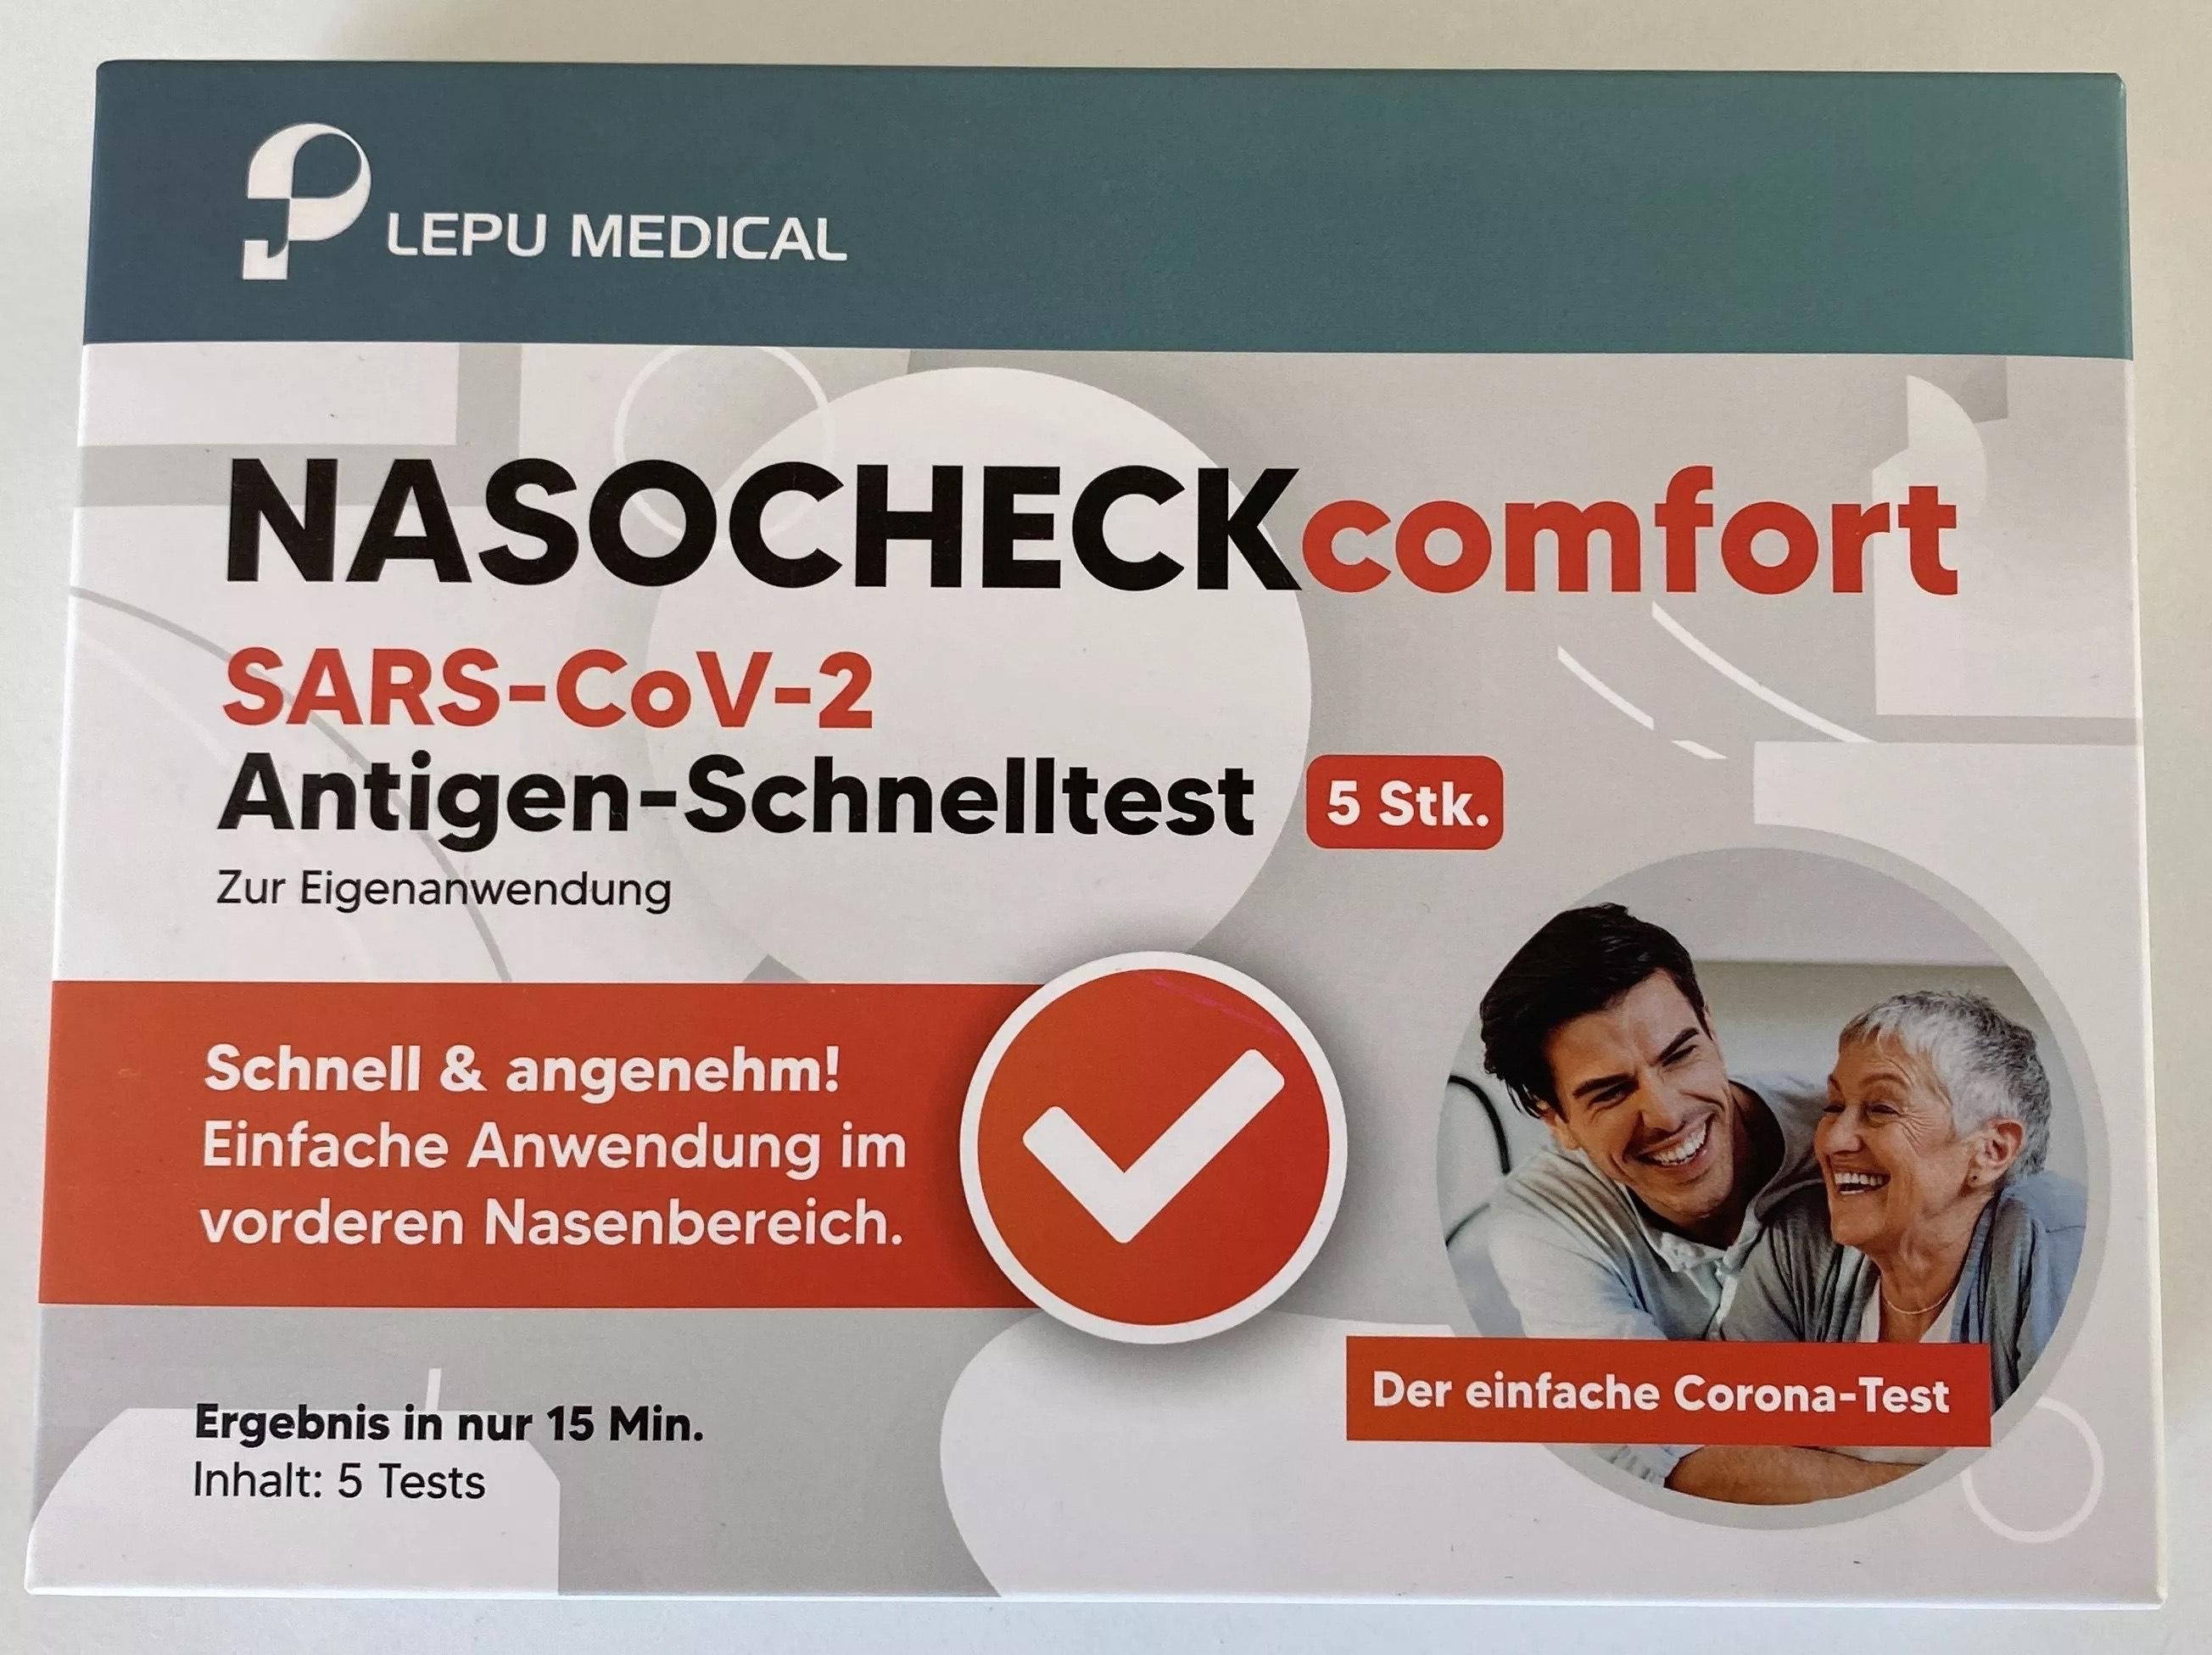 5er Pack SARS-CoV-2 Antigen-Schnelltest / LEPU MEDICAL® nasocheck comfort